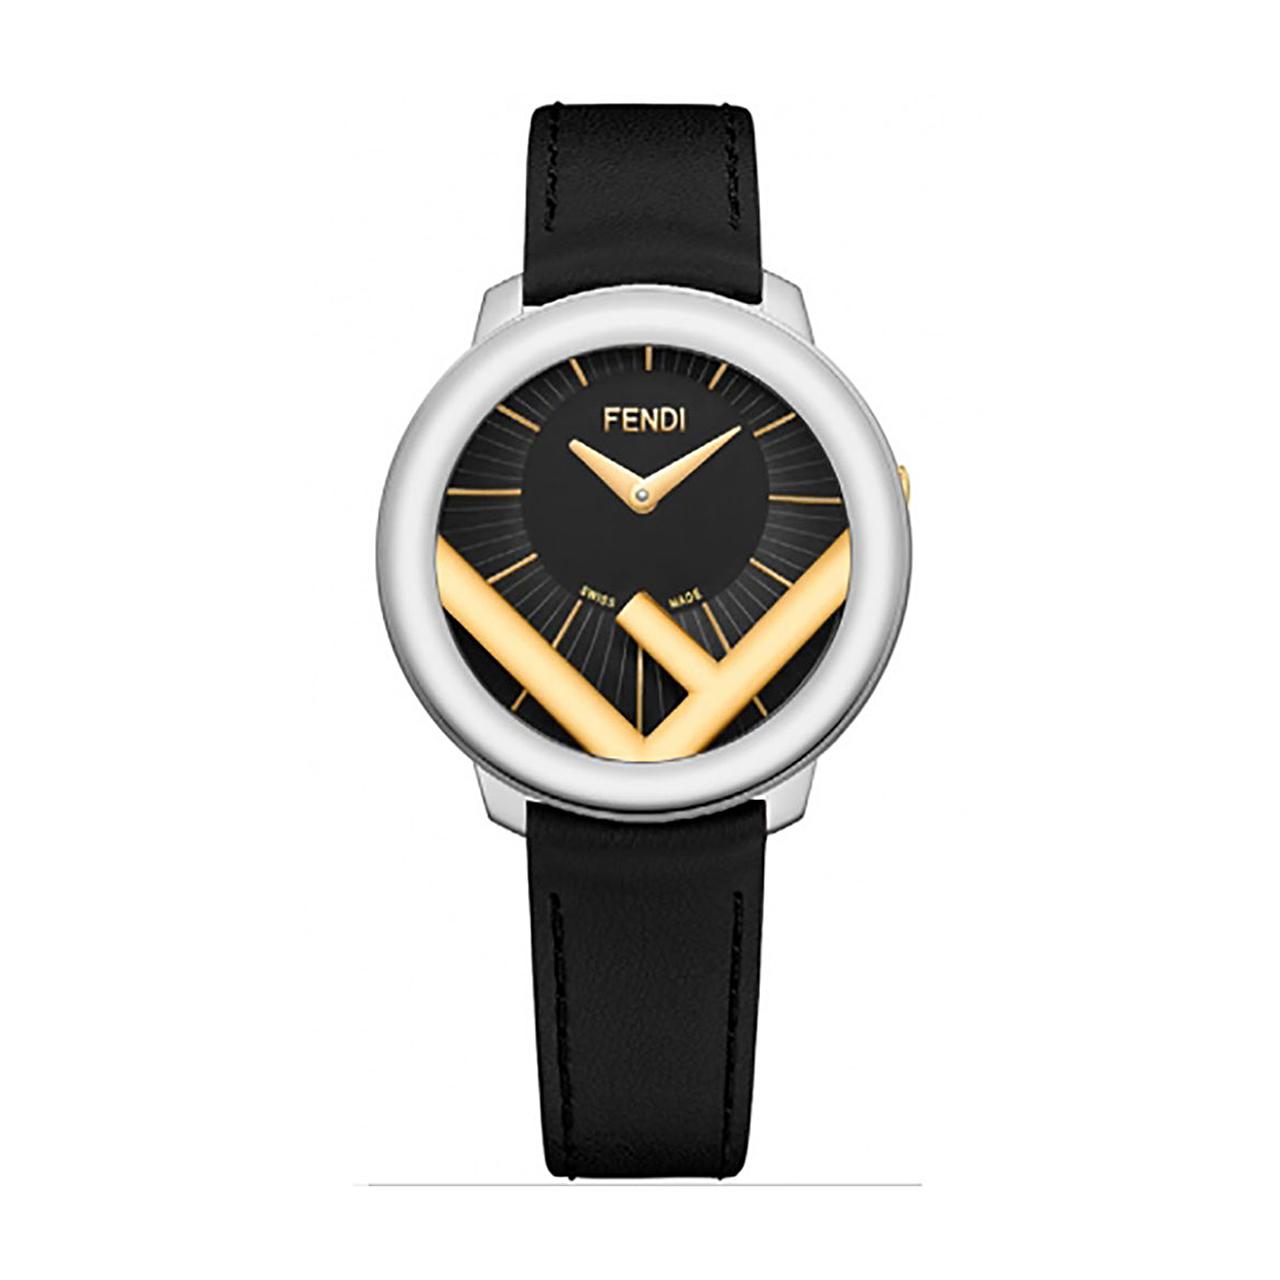 ساعت مچی عقربه ای زنانه فندی مدل F710131011